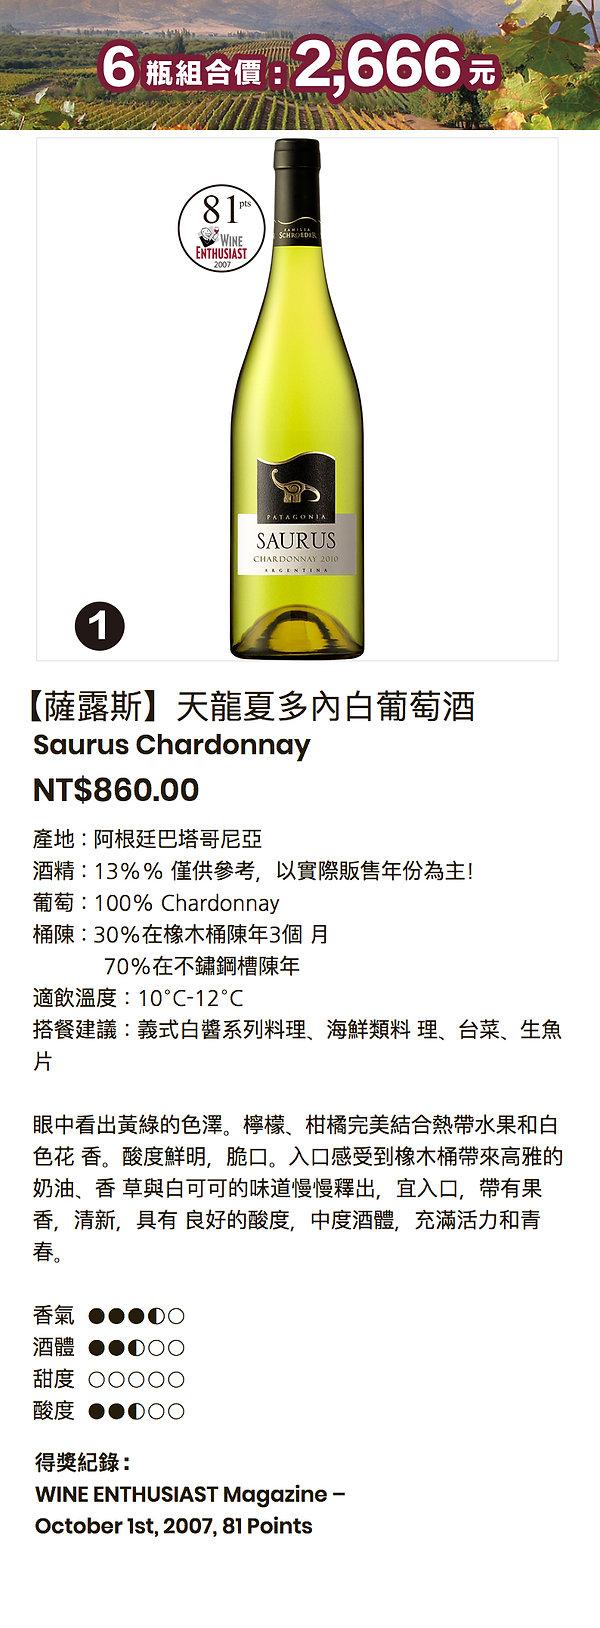 1.薩露斯天龍夏多內白葡萄酒.jpg